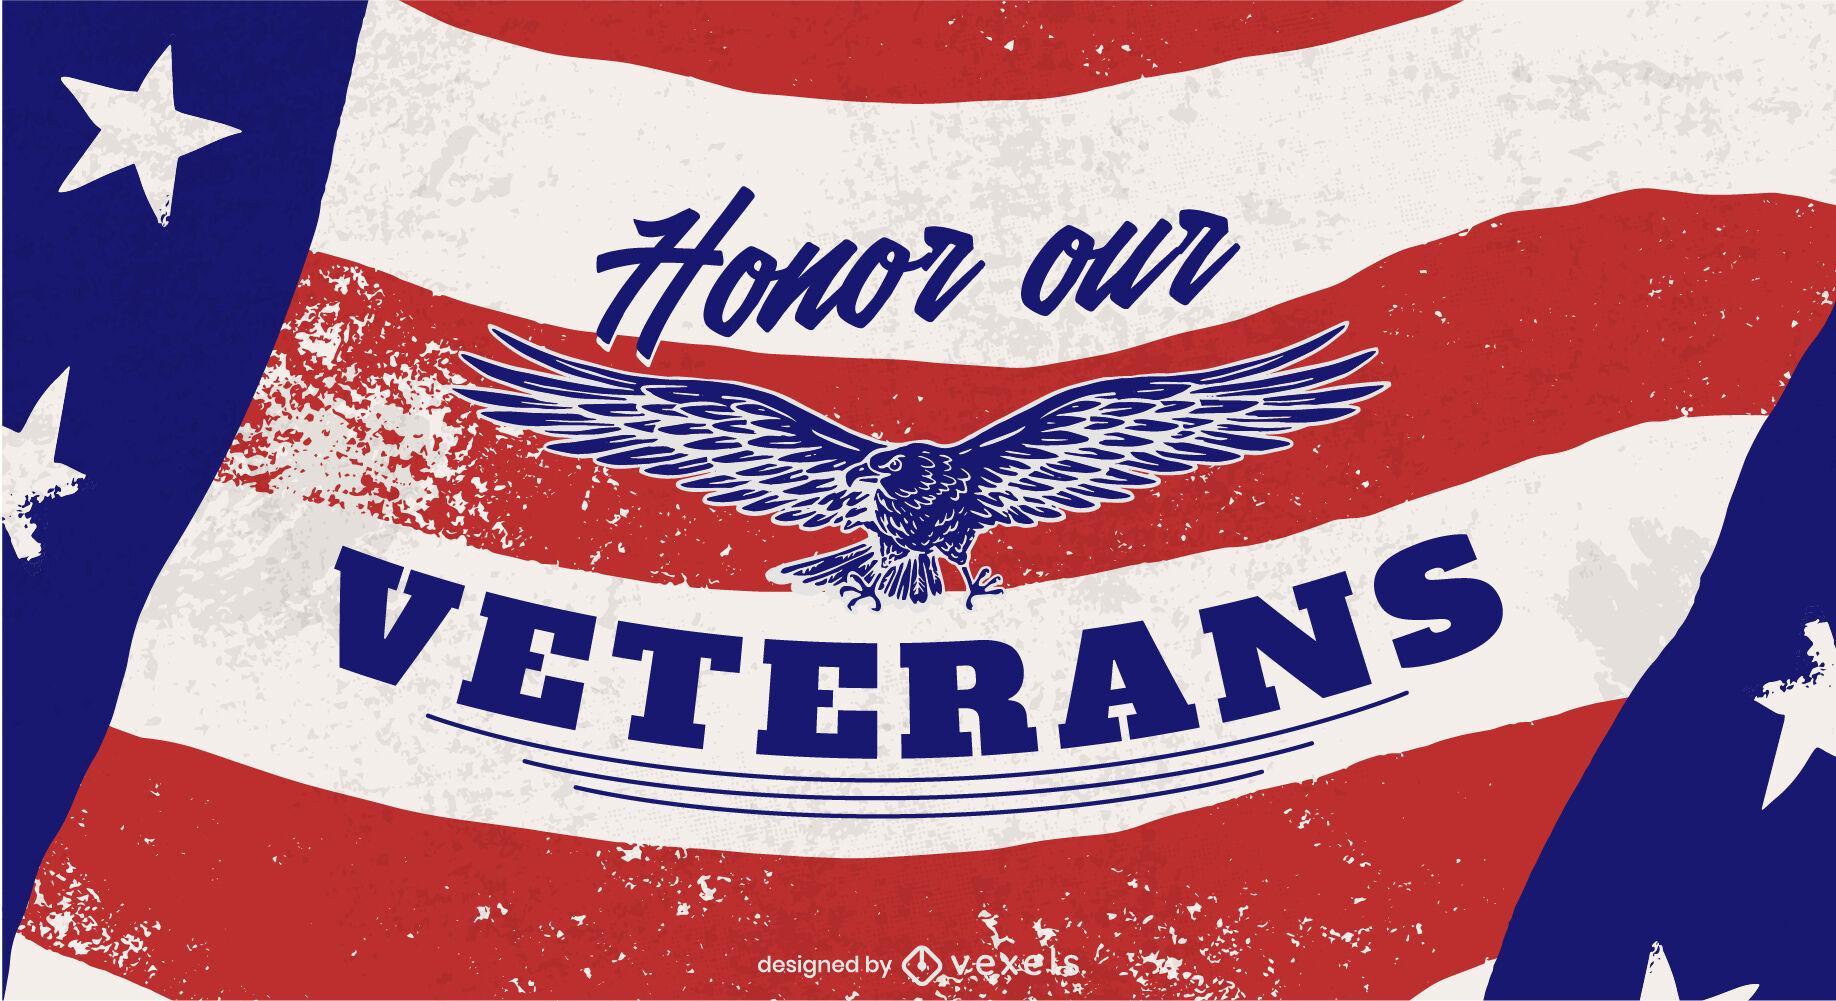 Águila volando en el control deslizante del día de los veteranos de la bandera americana